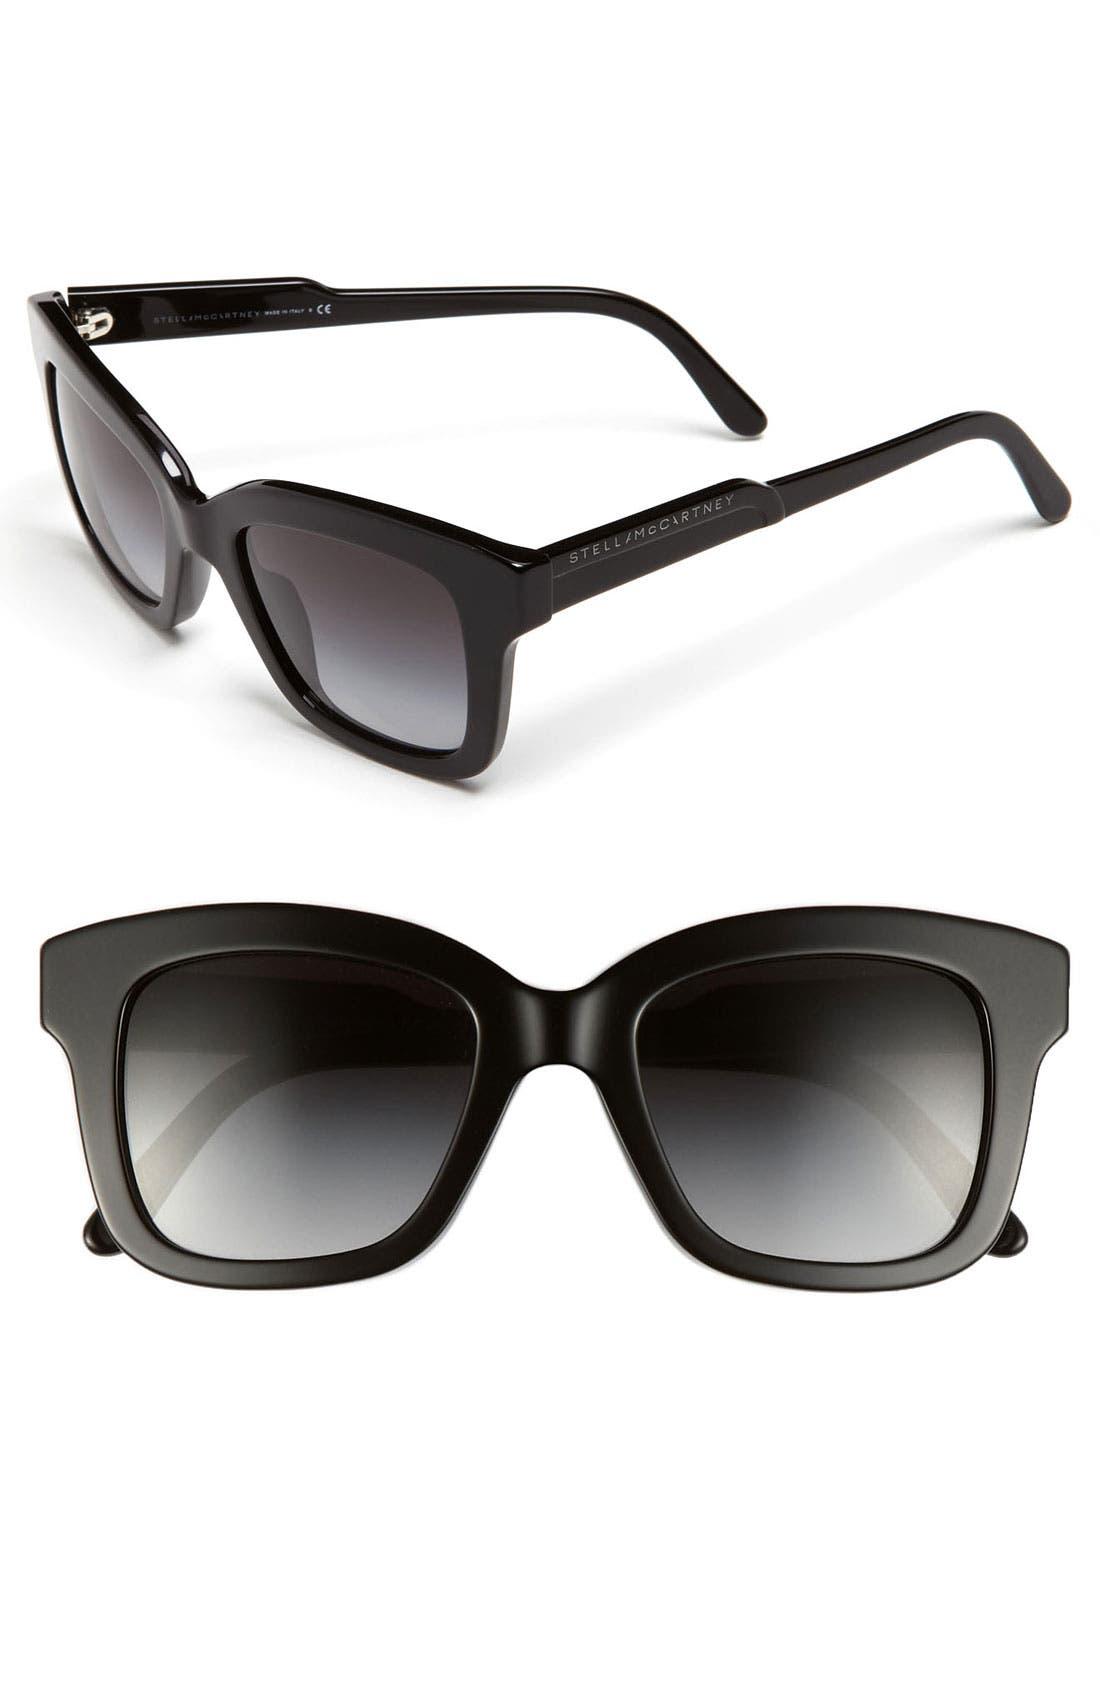 42mm Retro Sunglasses,                         Main,                         color, 001